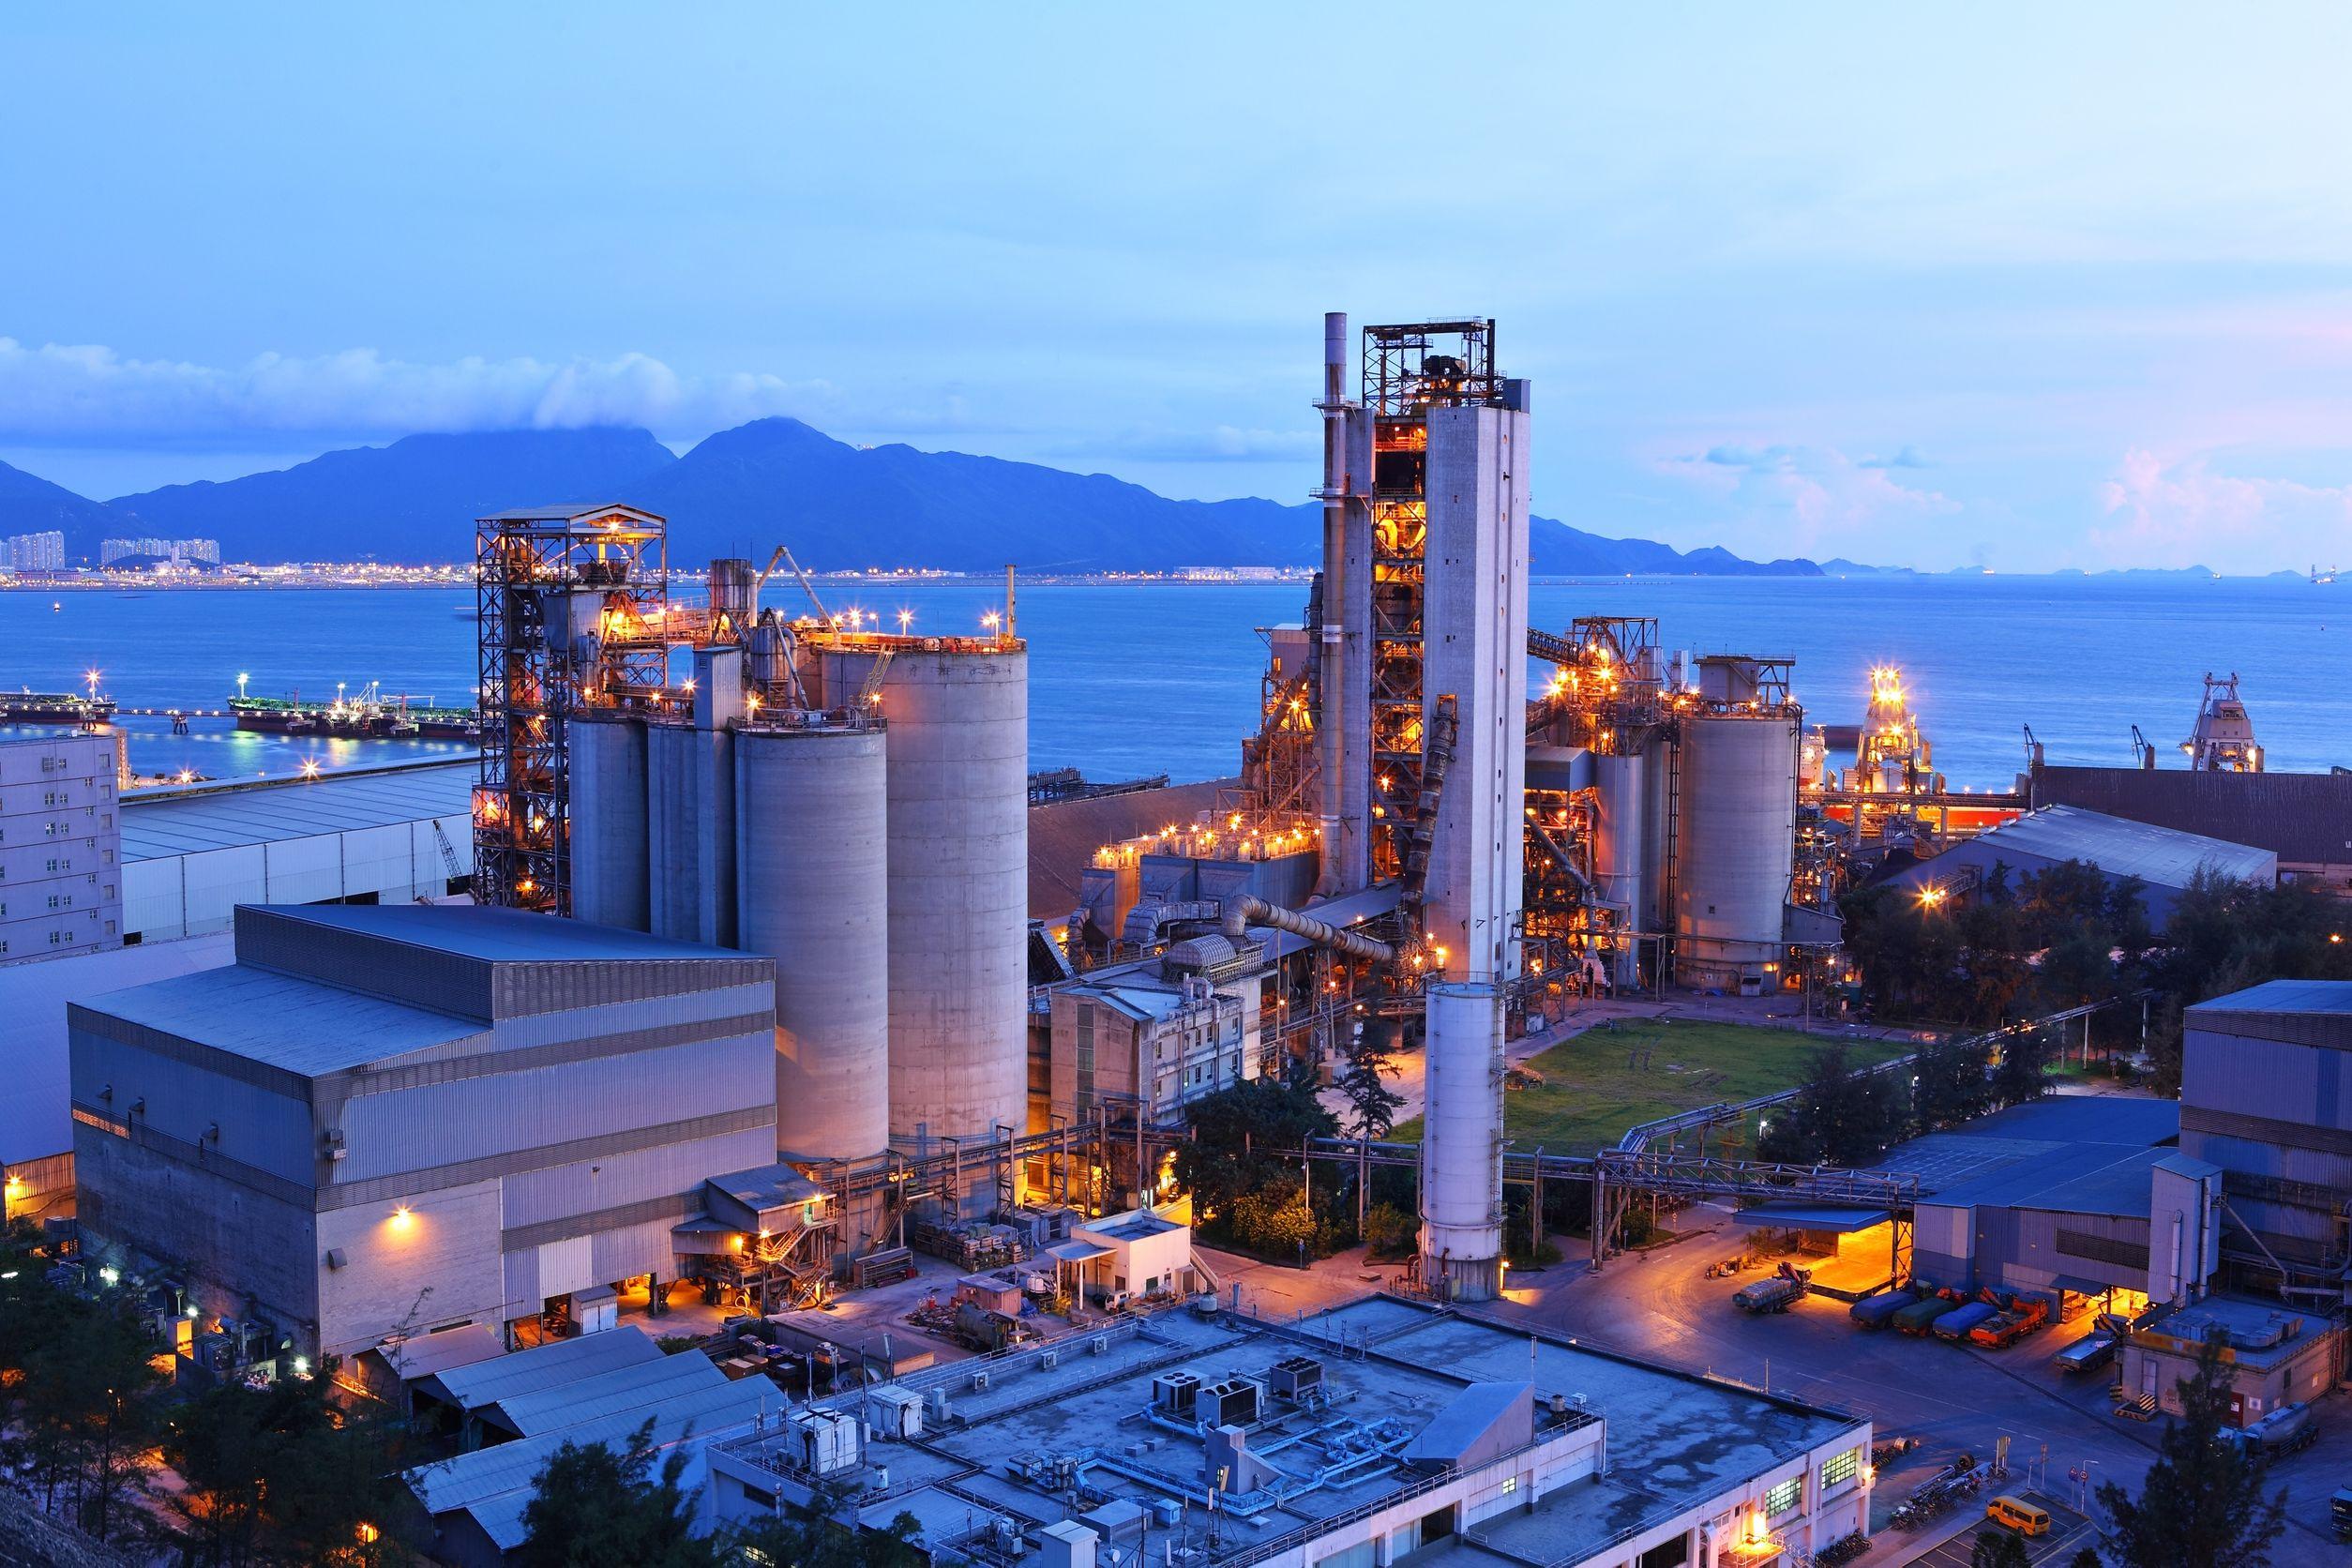 mudanzas industriales